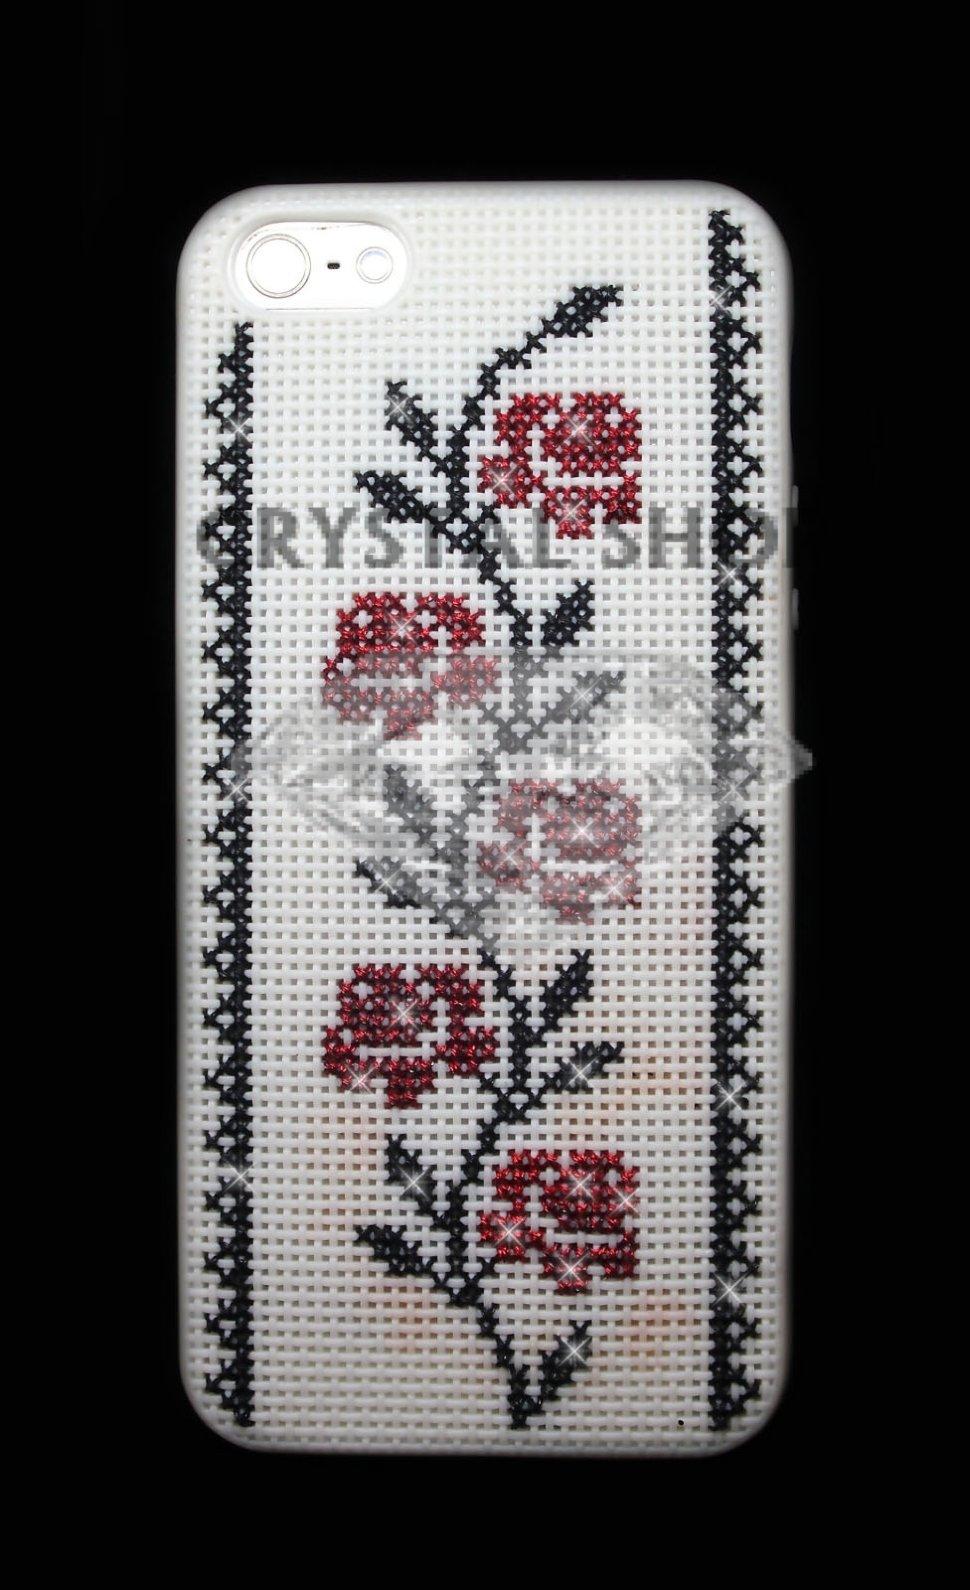 схема для вышивания на селиконовом чехле для айфона